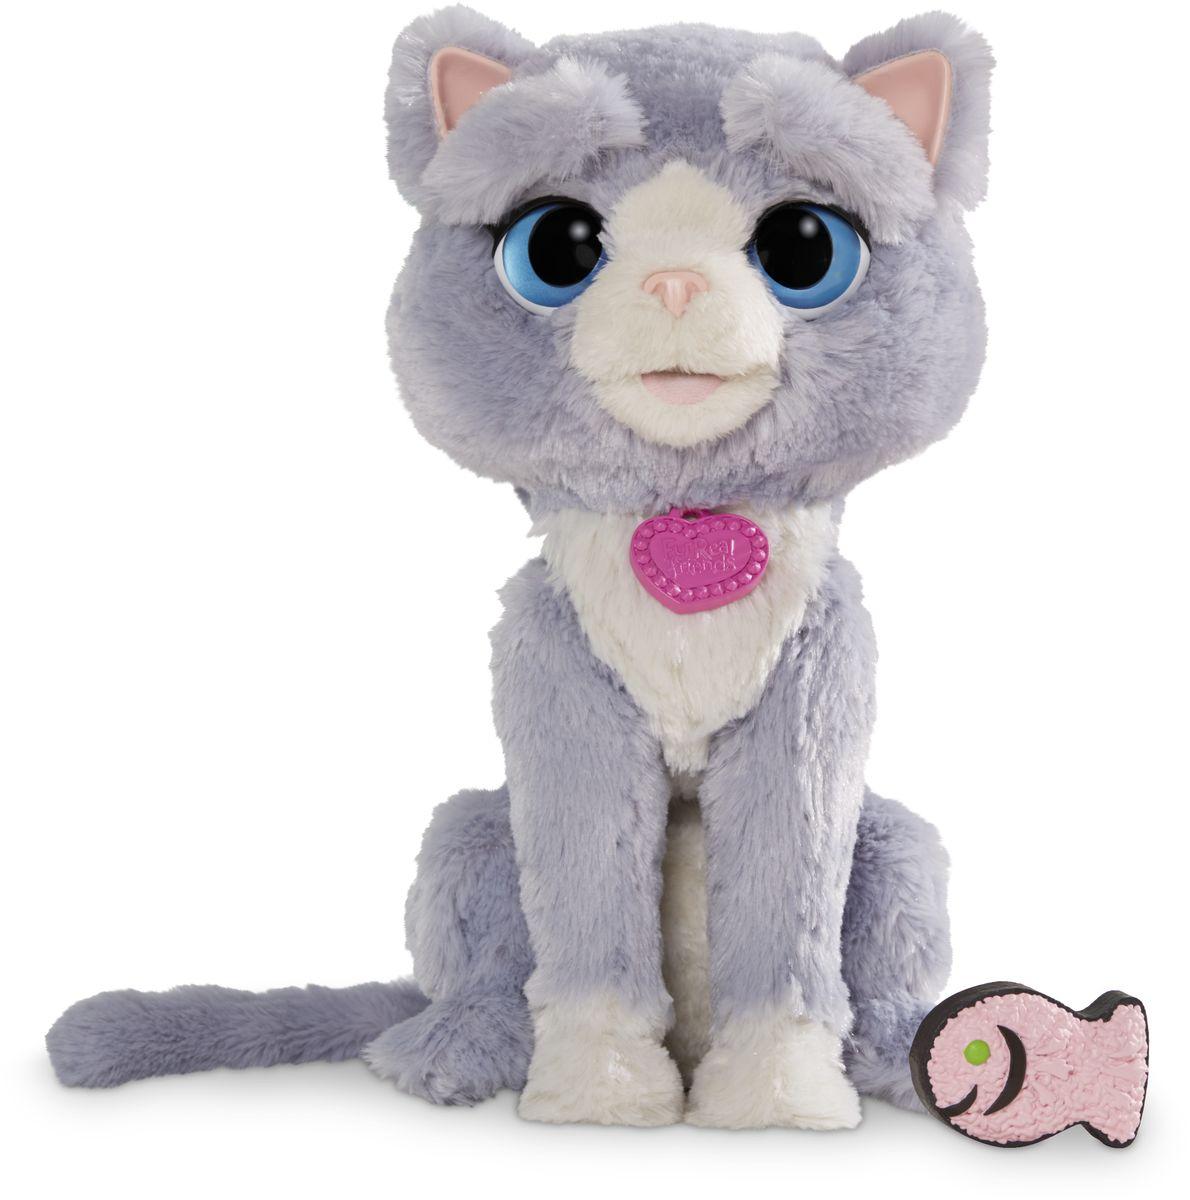 FurReal Friends Интерактивная игрушка Котёнок БутсиB5936Бутси обладает 5 разными выражениями. Она такая смелая и умеет показывать, когда счастлива, грустит, любопытна, расстроена или немного злится! Бутси обожает, когда ее обнимают или щекочат. Бутси любит своё угощение - рыбку! Есть функция TRY-ME!